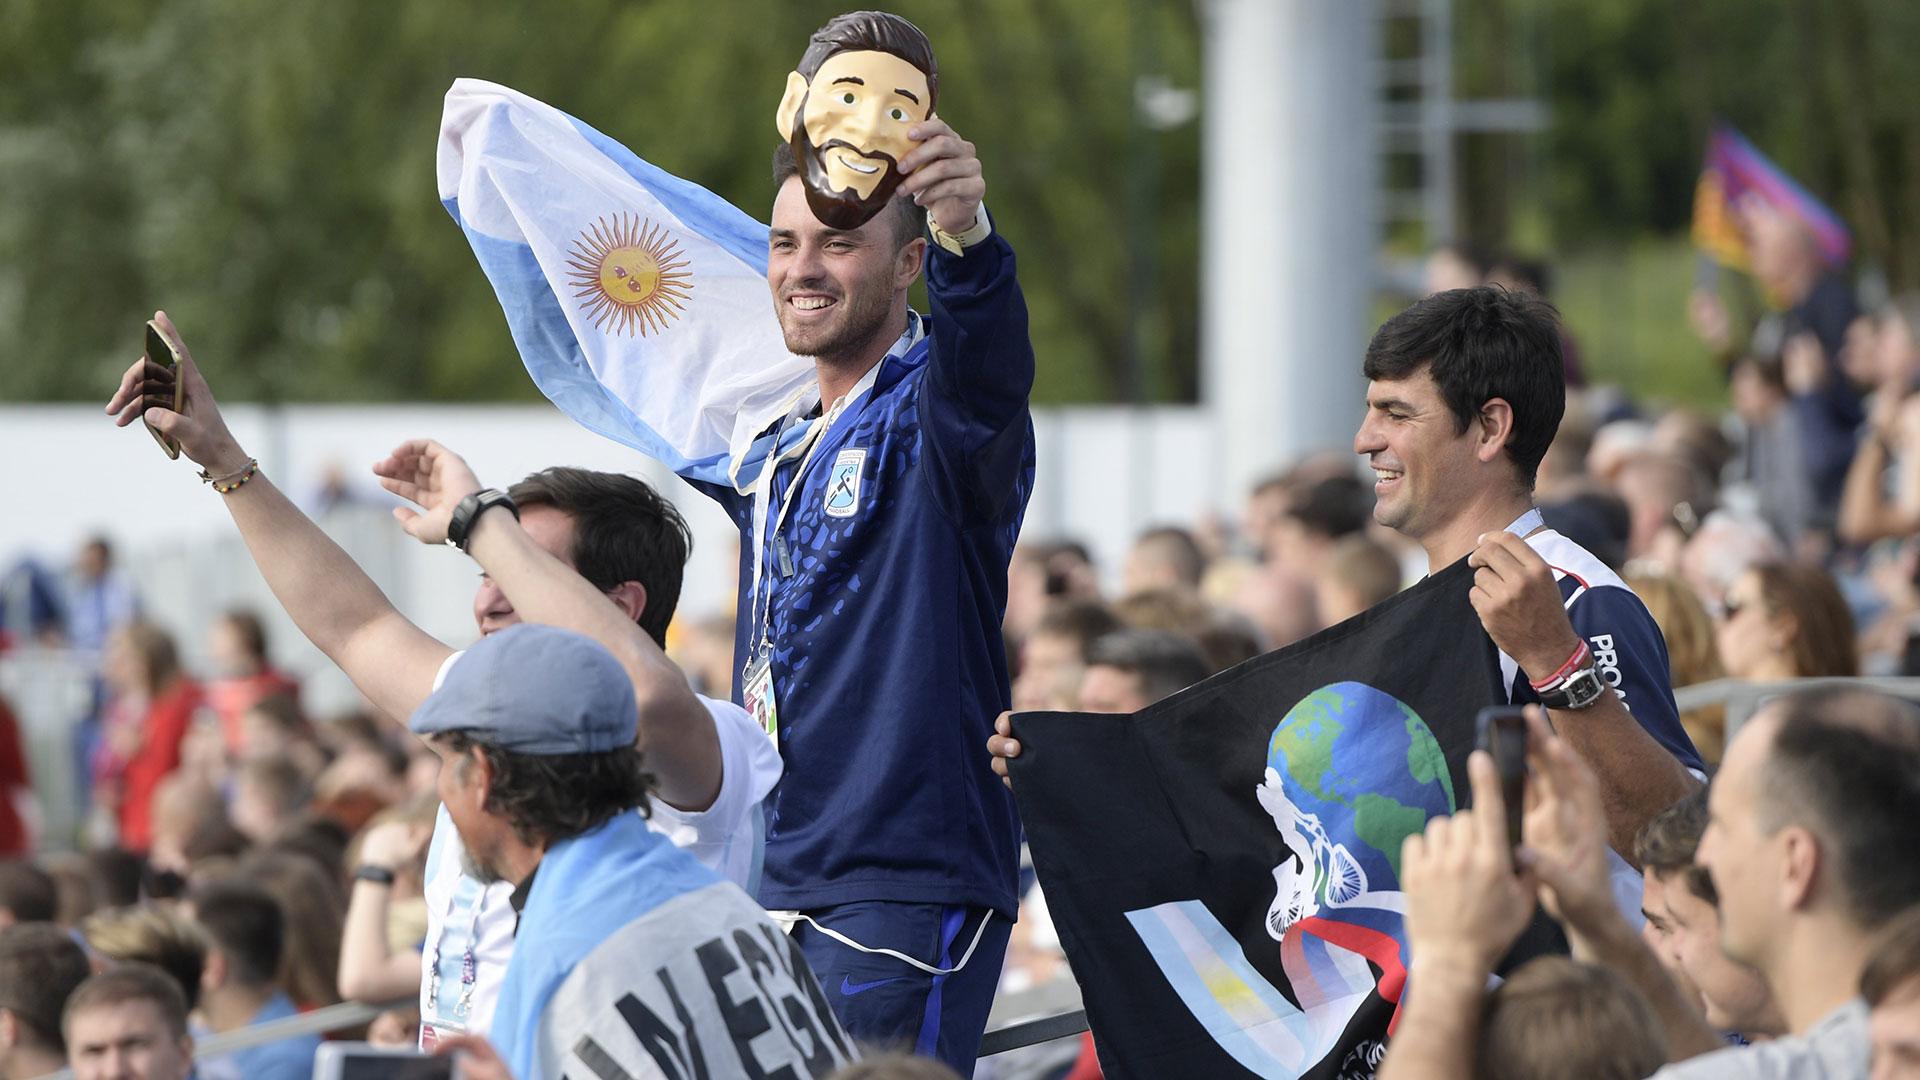 Las banderas argentinas, en el entrenamiento. Y Messi, en forma de careta (Foto: AFP)